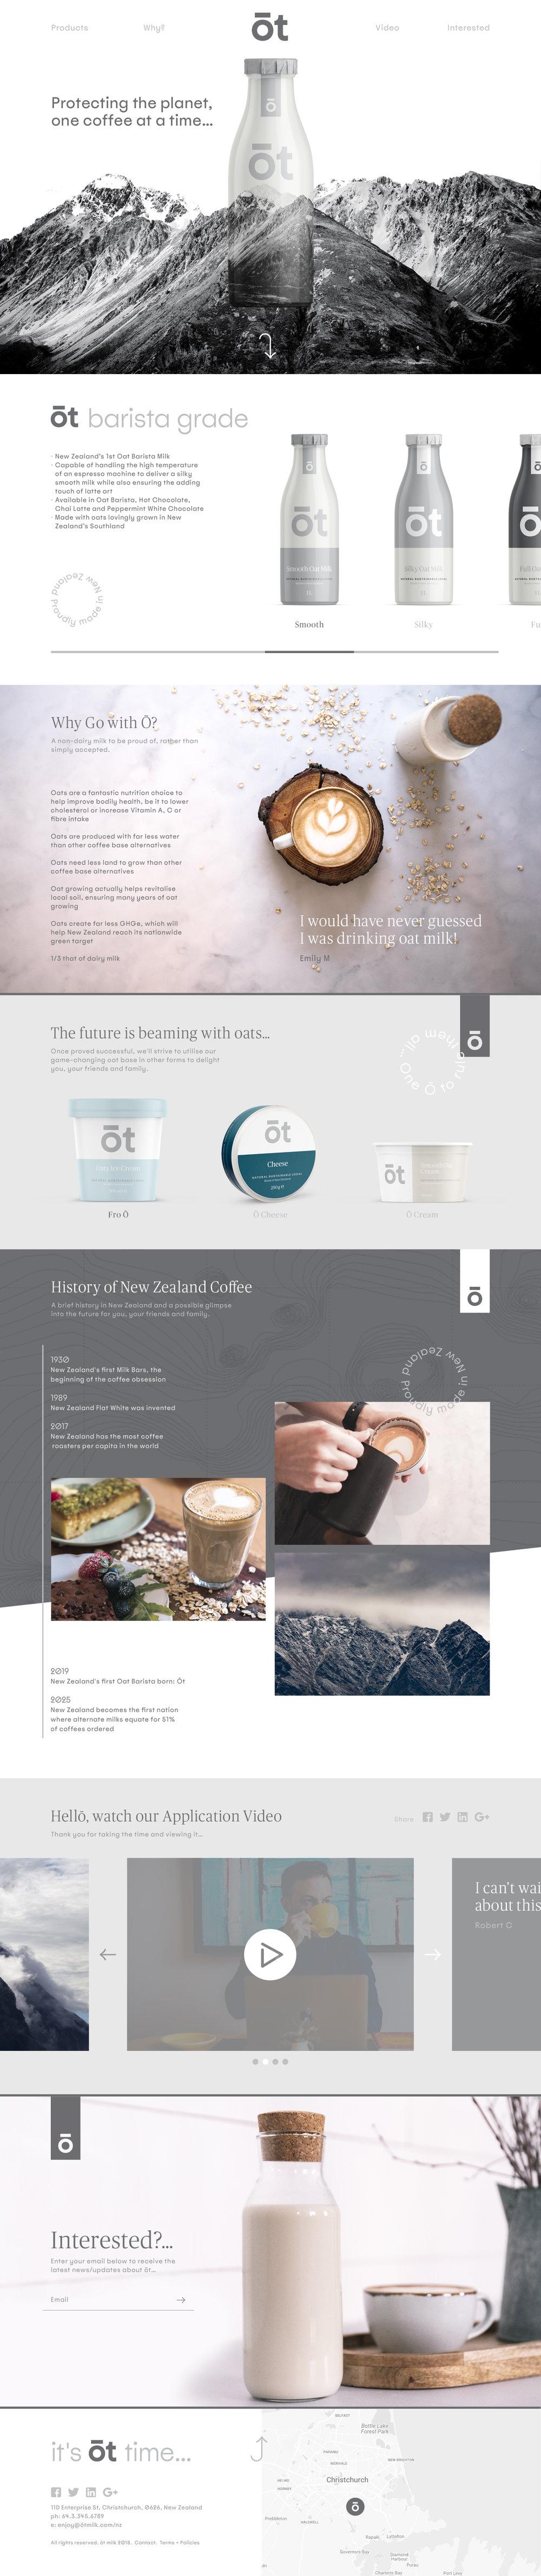 2-Ōt-Home-visual-1.jpg